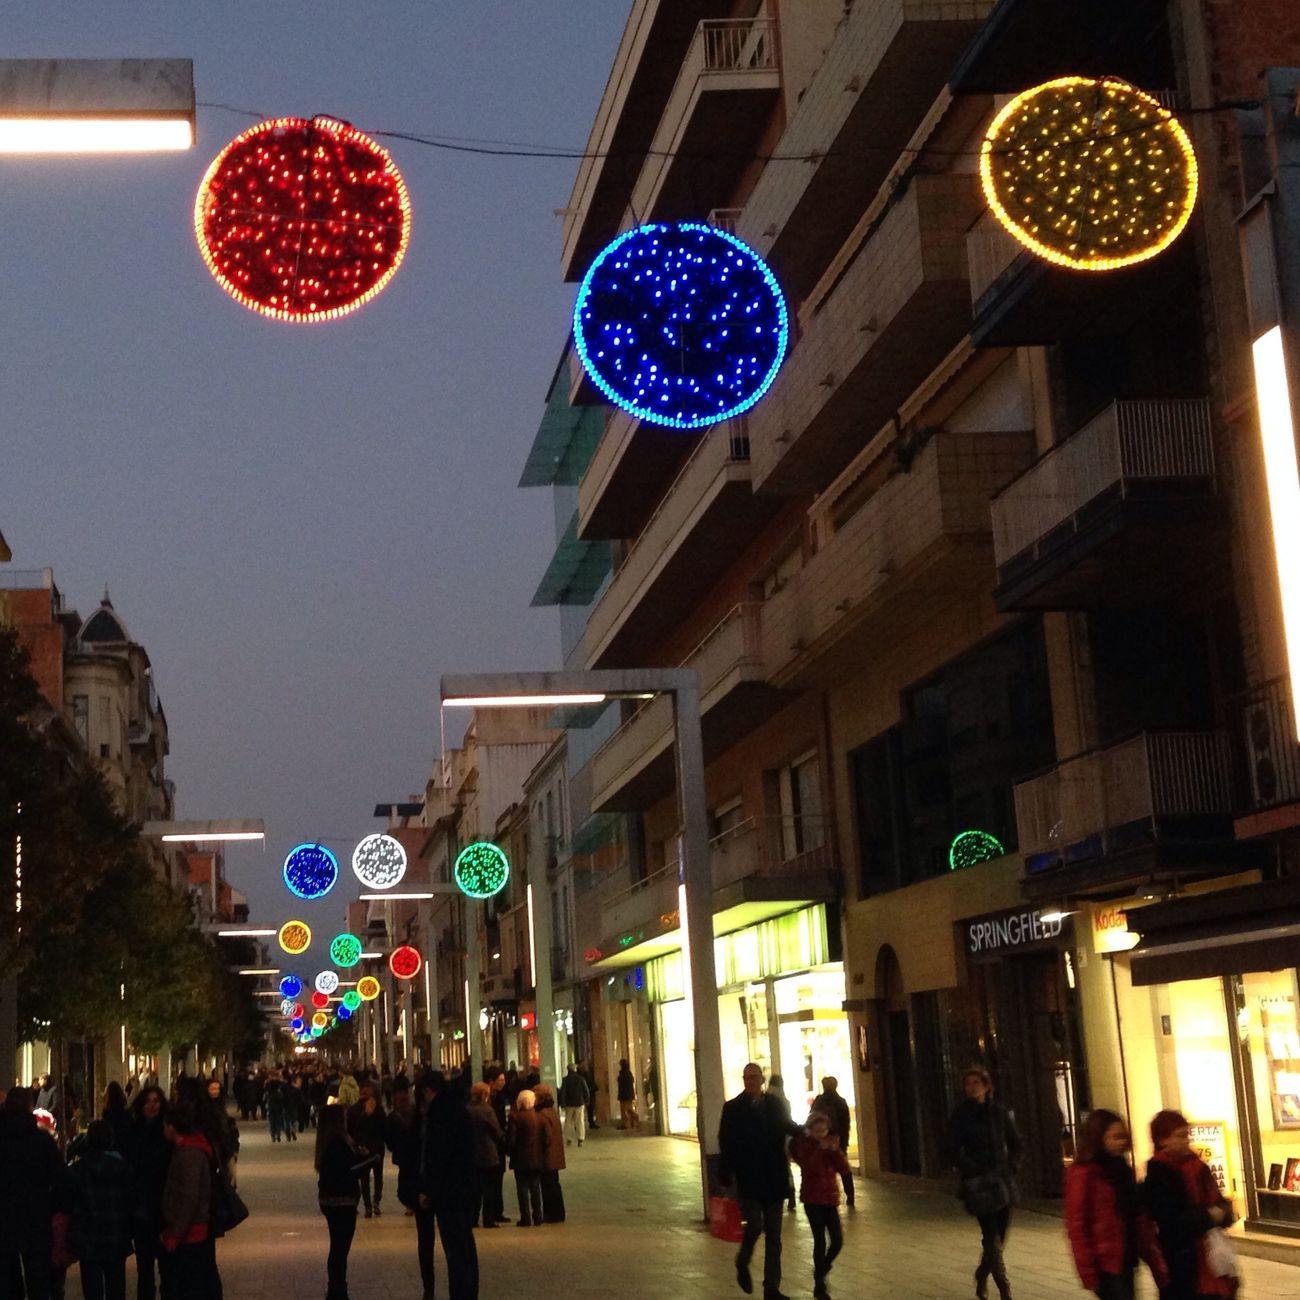 Llums de Nadal